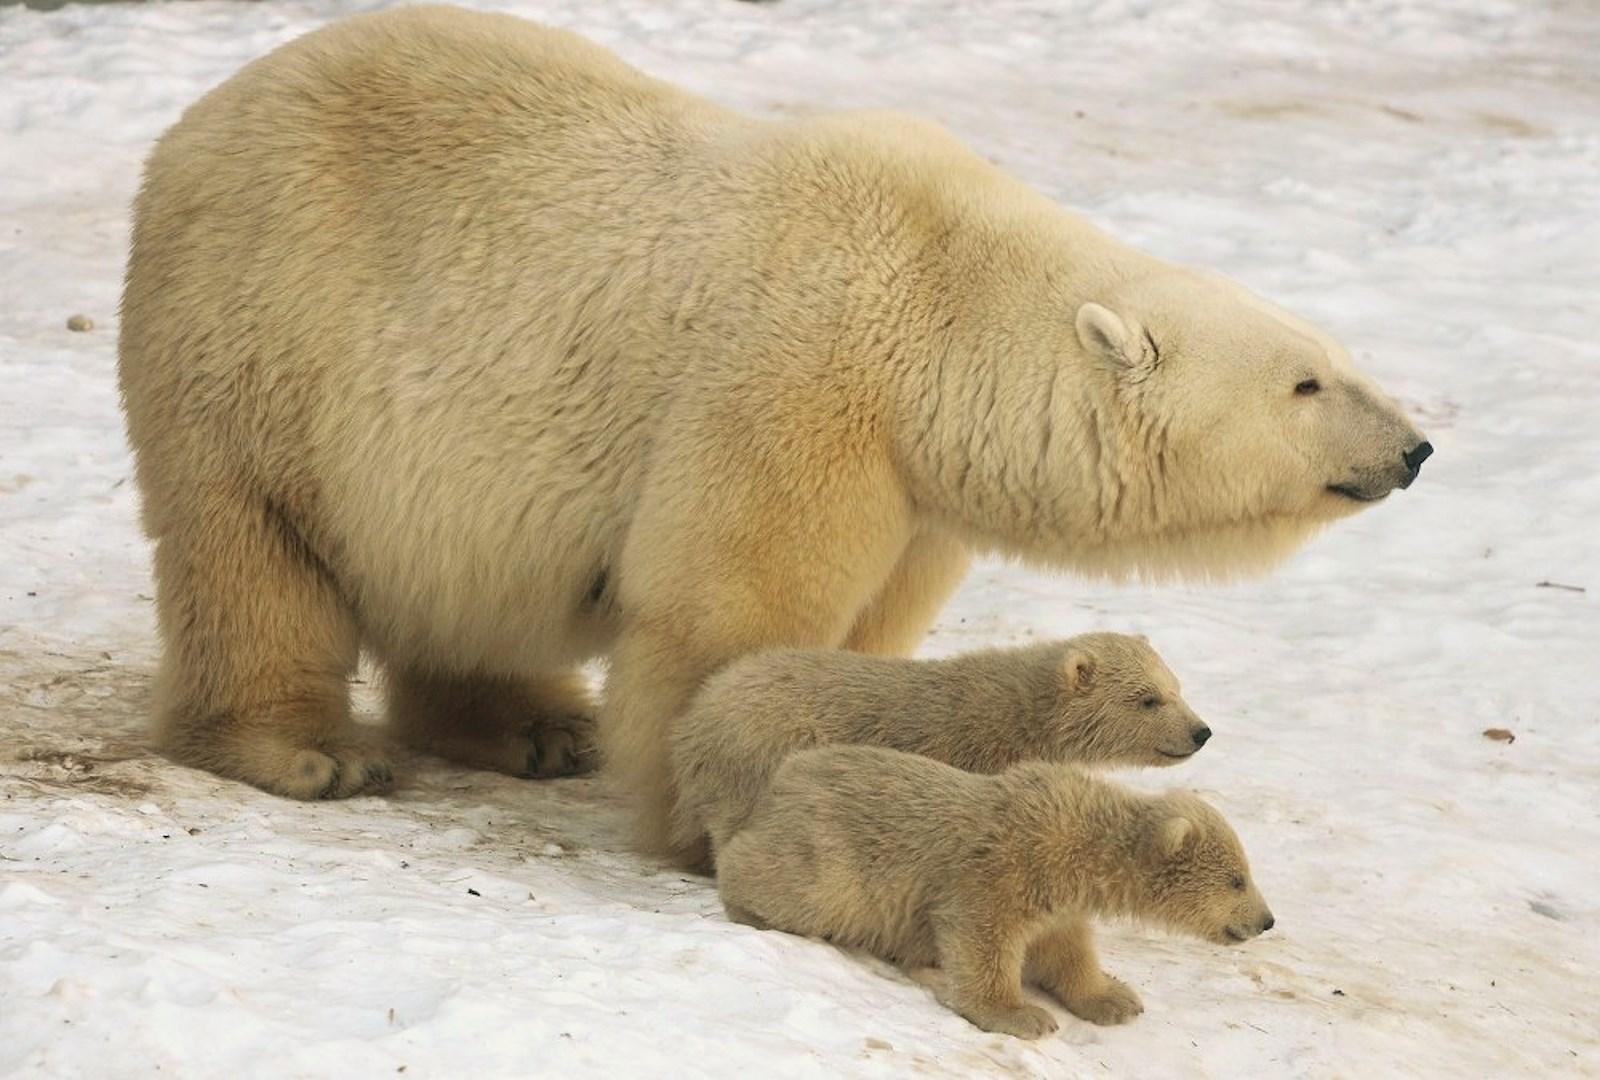 00 Polar bear cubs. Moscow Zoopark 08. Russia. 26.02.15